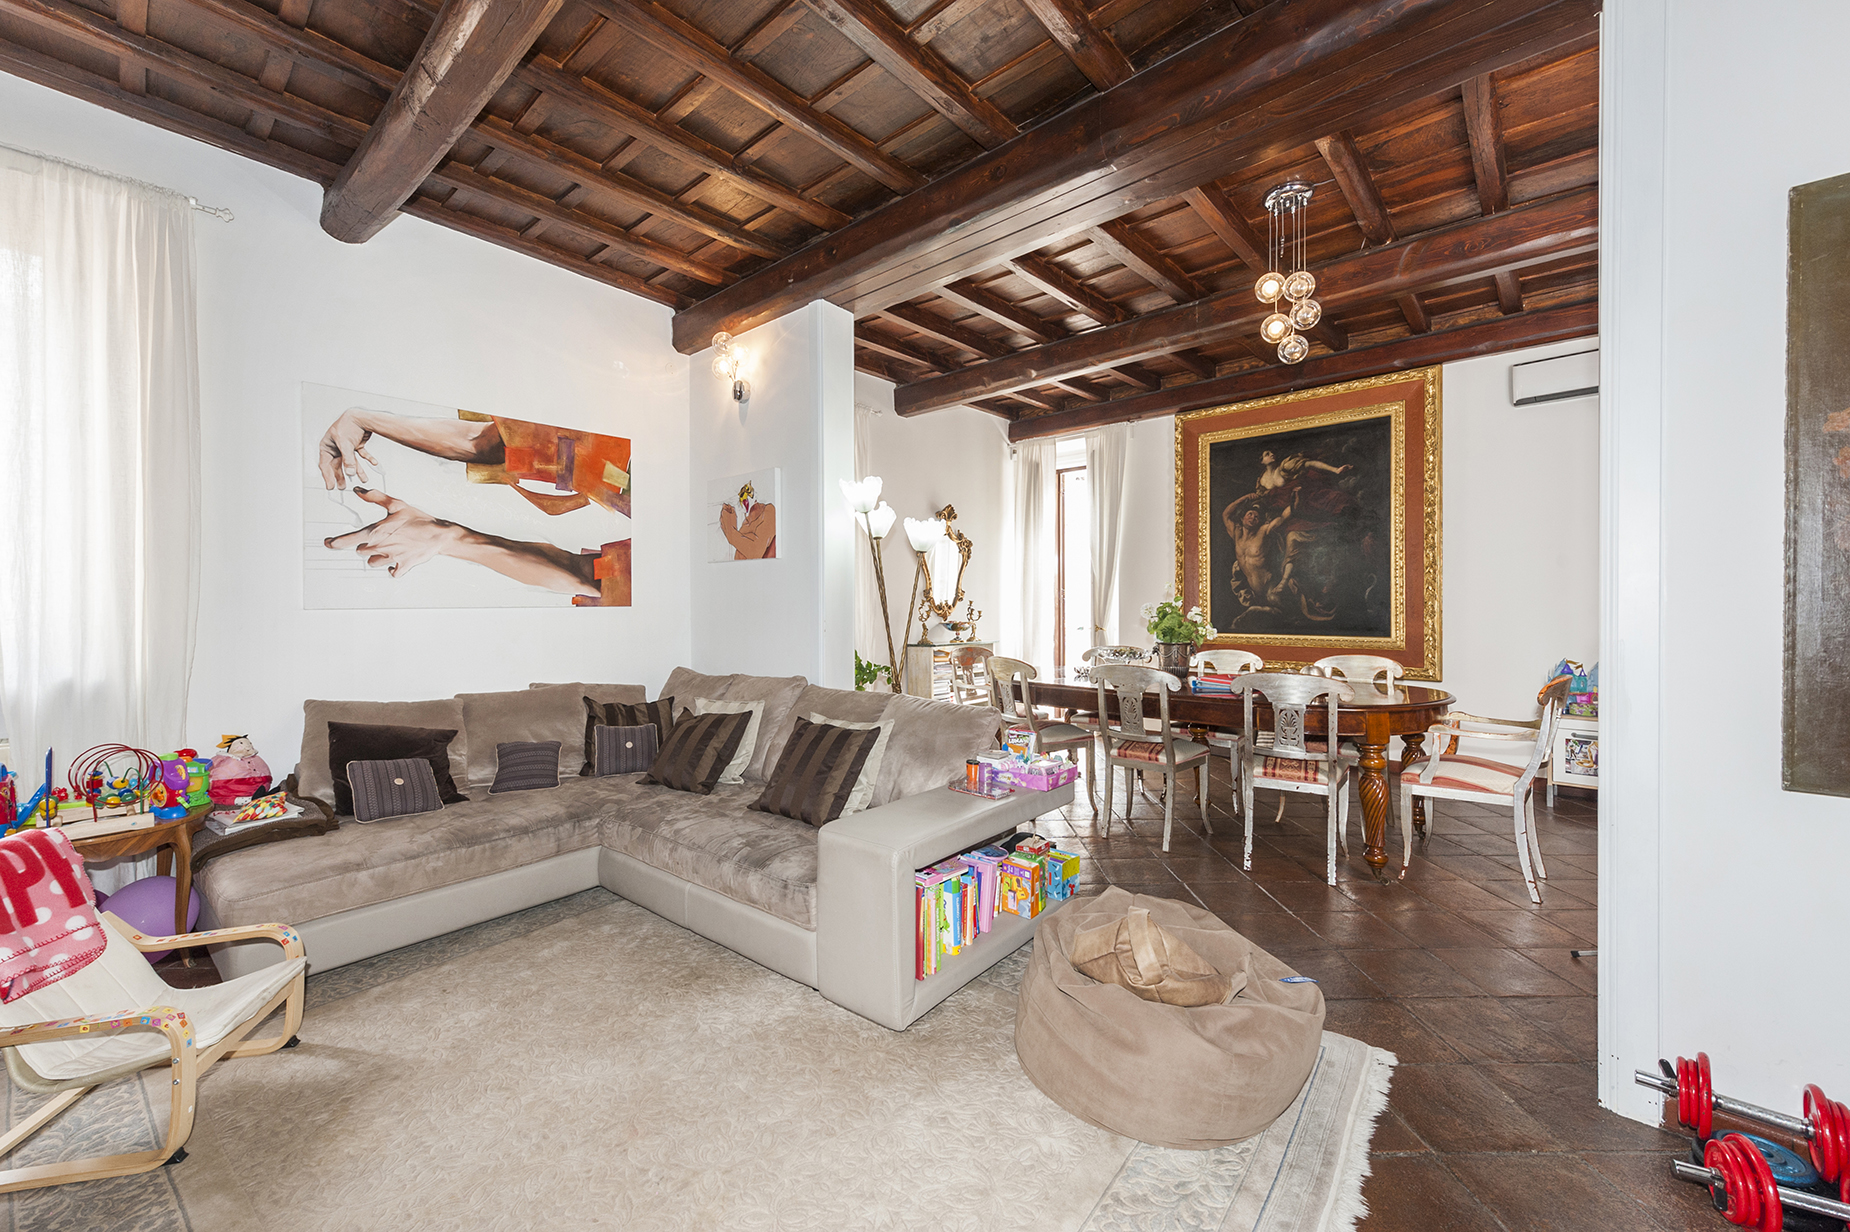 Appartamento di lusso in affitto a roma vico vicolo for Affitto locali commerciali roma nord